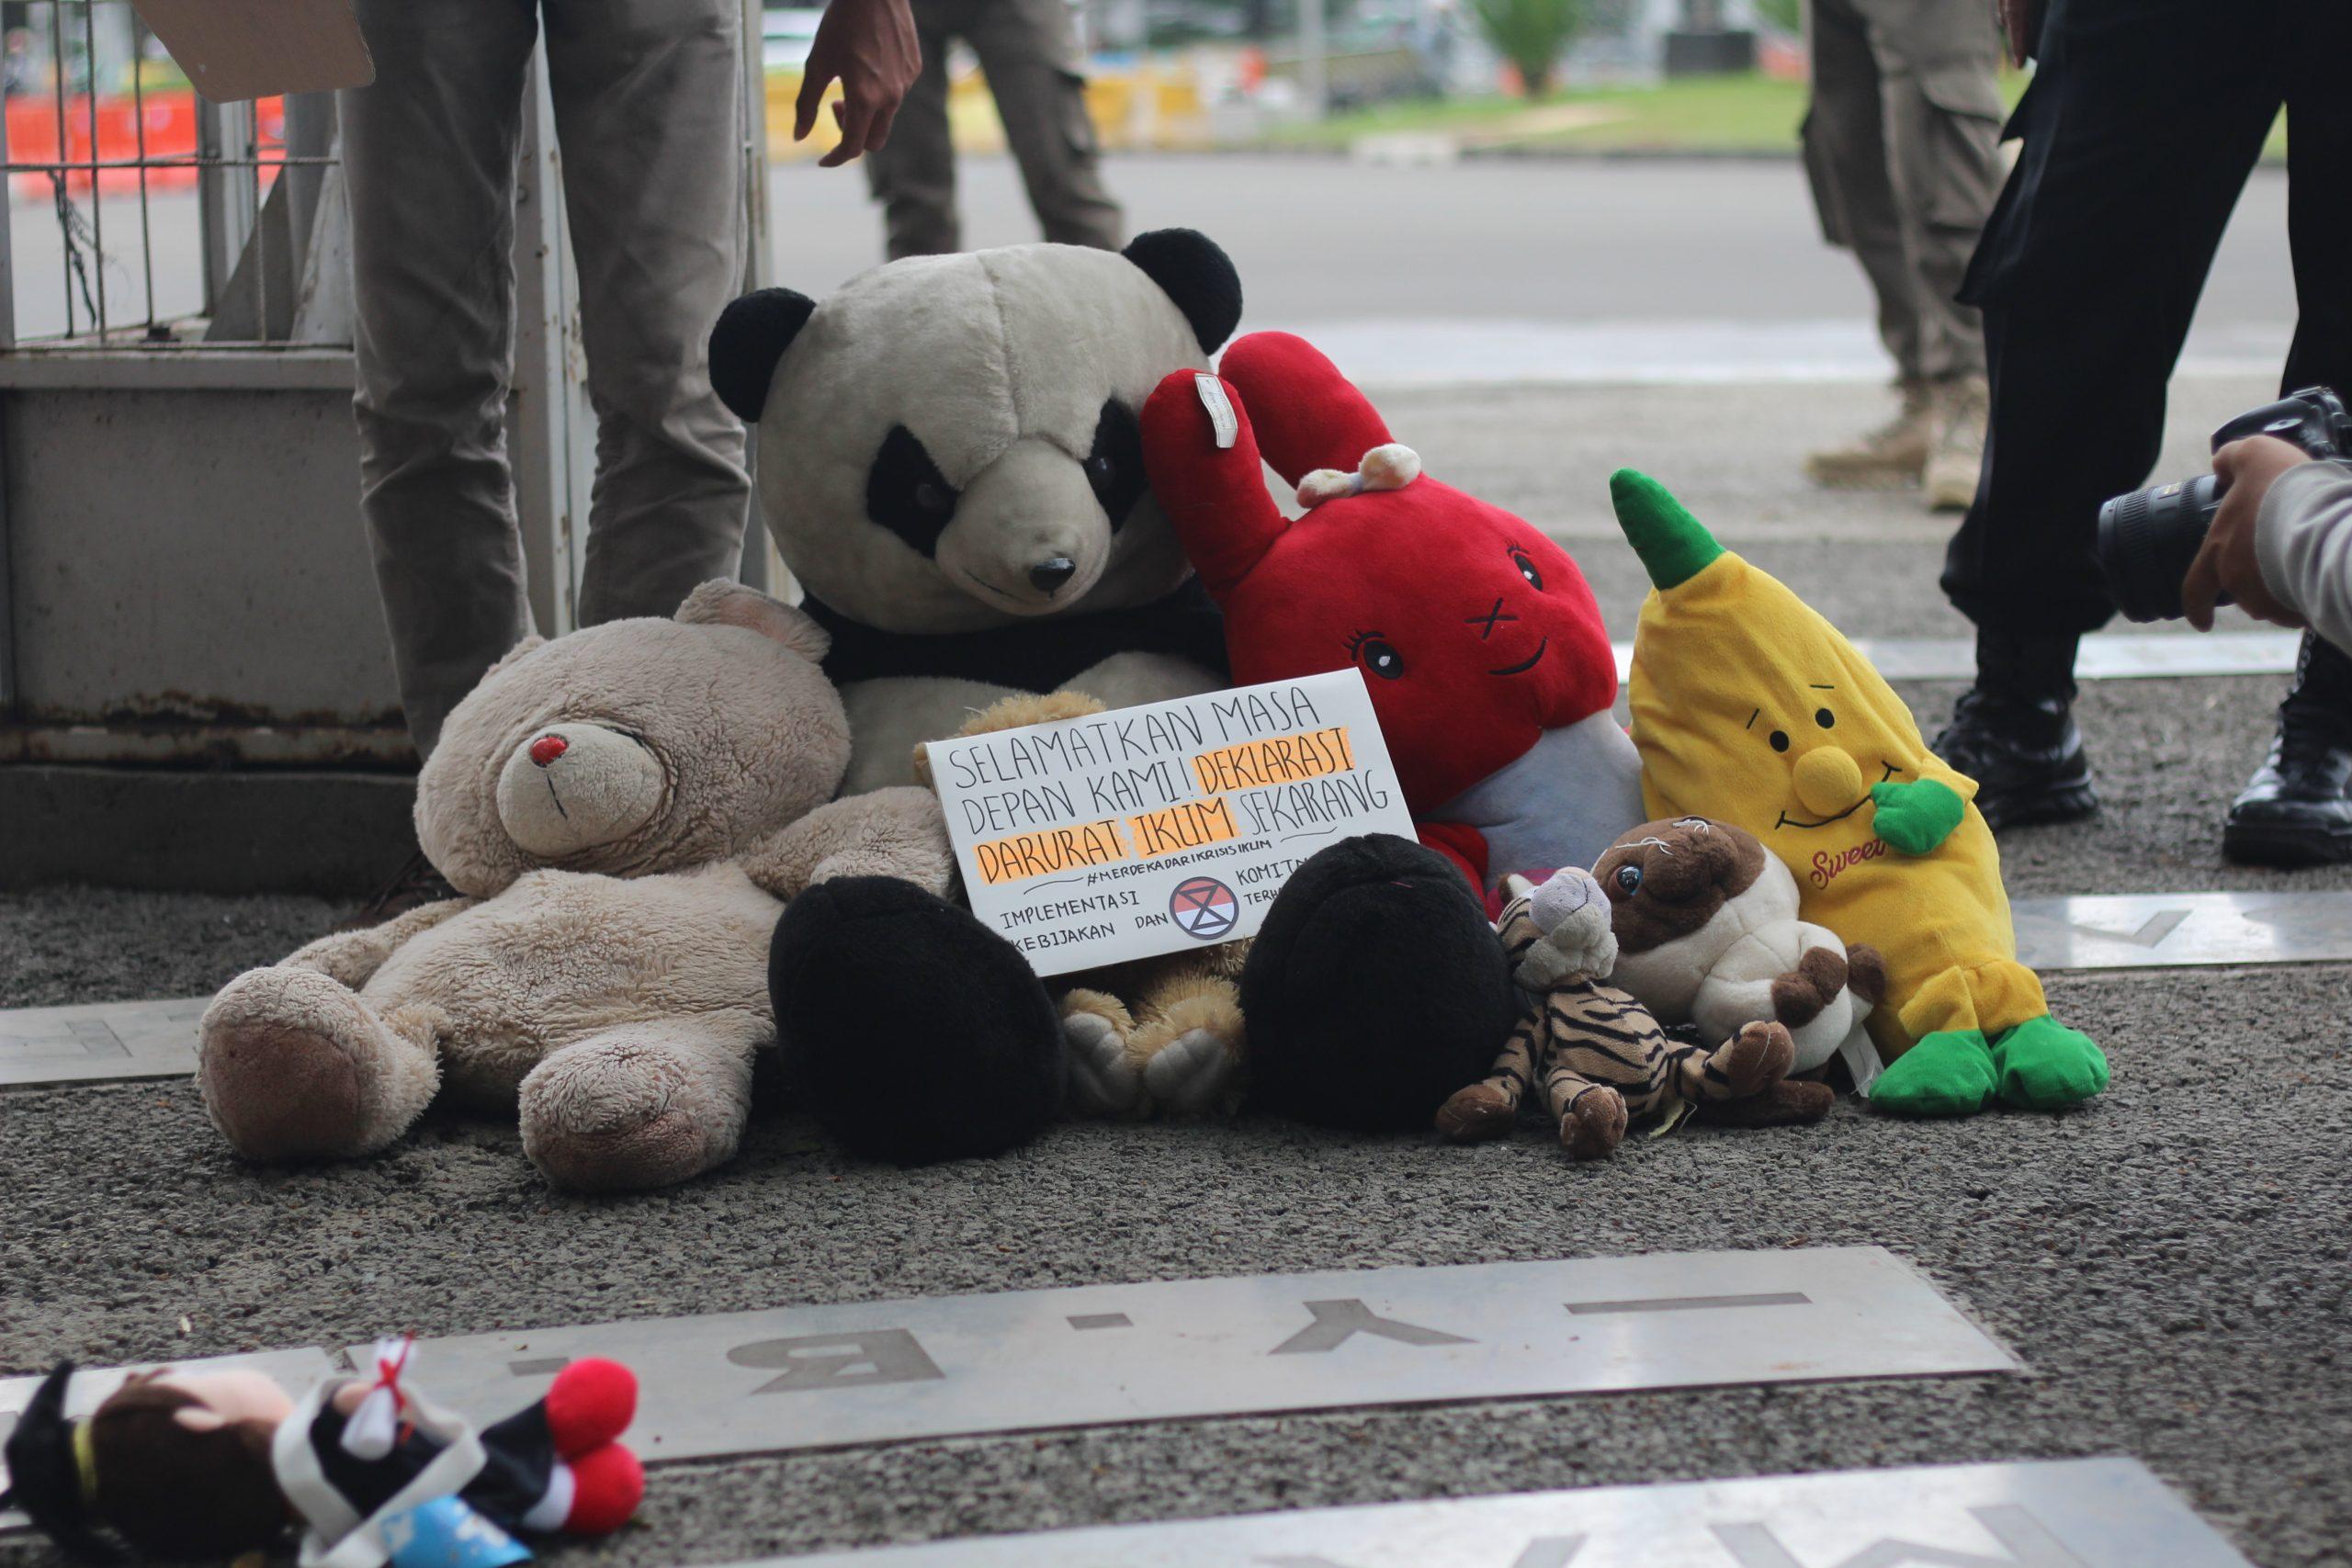 [:en]Extinction Rebellion Indonesia meletakkan pesan di antara mainan anak dalam aksi yang dilakukan bertepatan dengan Hari Anak Sedunia (20/11/2020). Sumber: XR Indonesia[:]